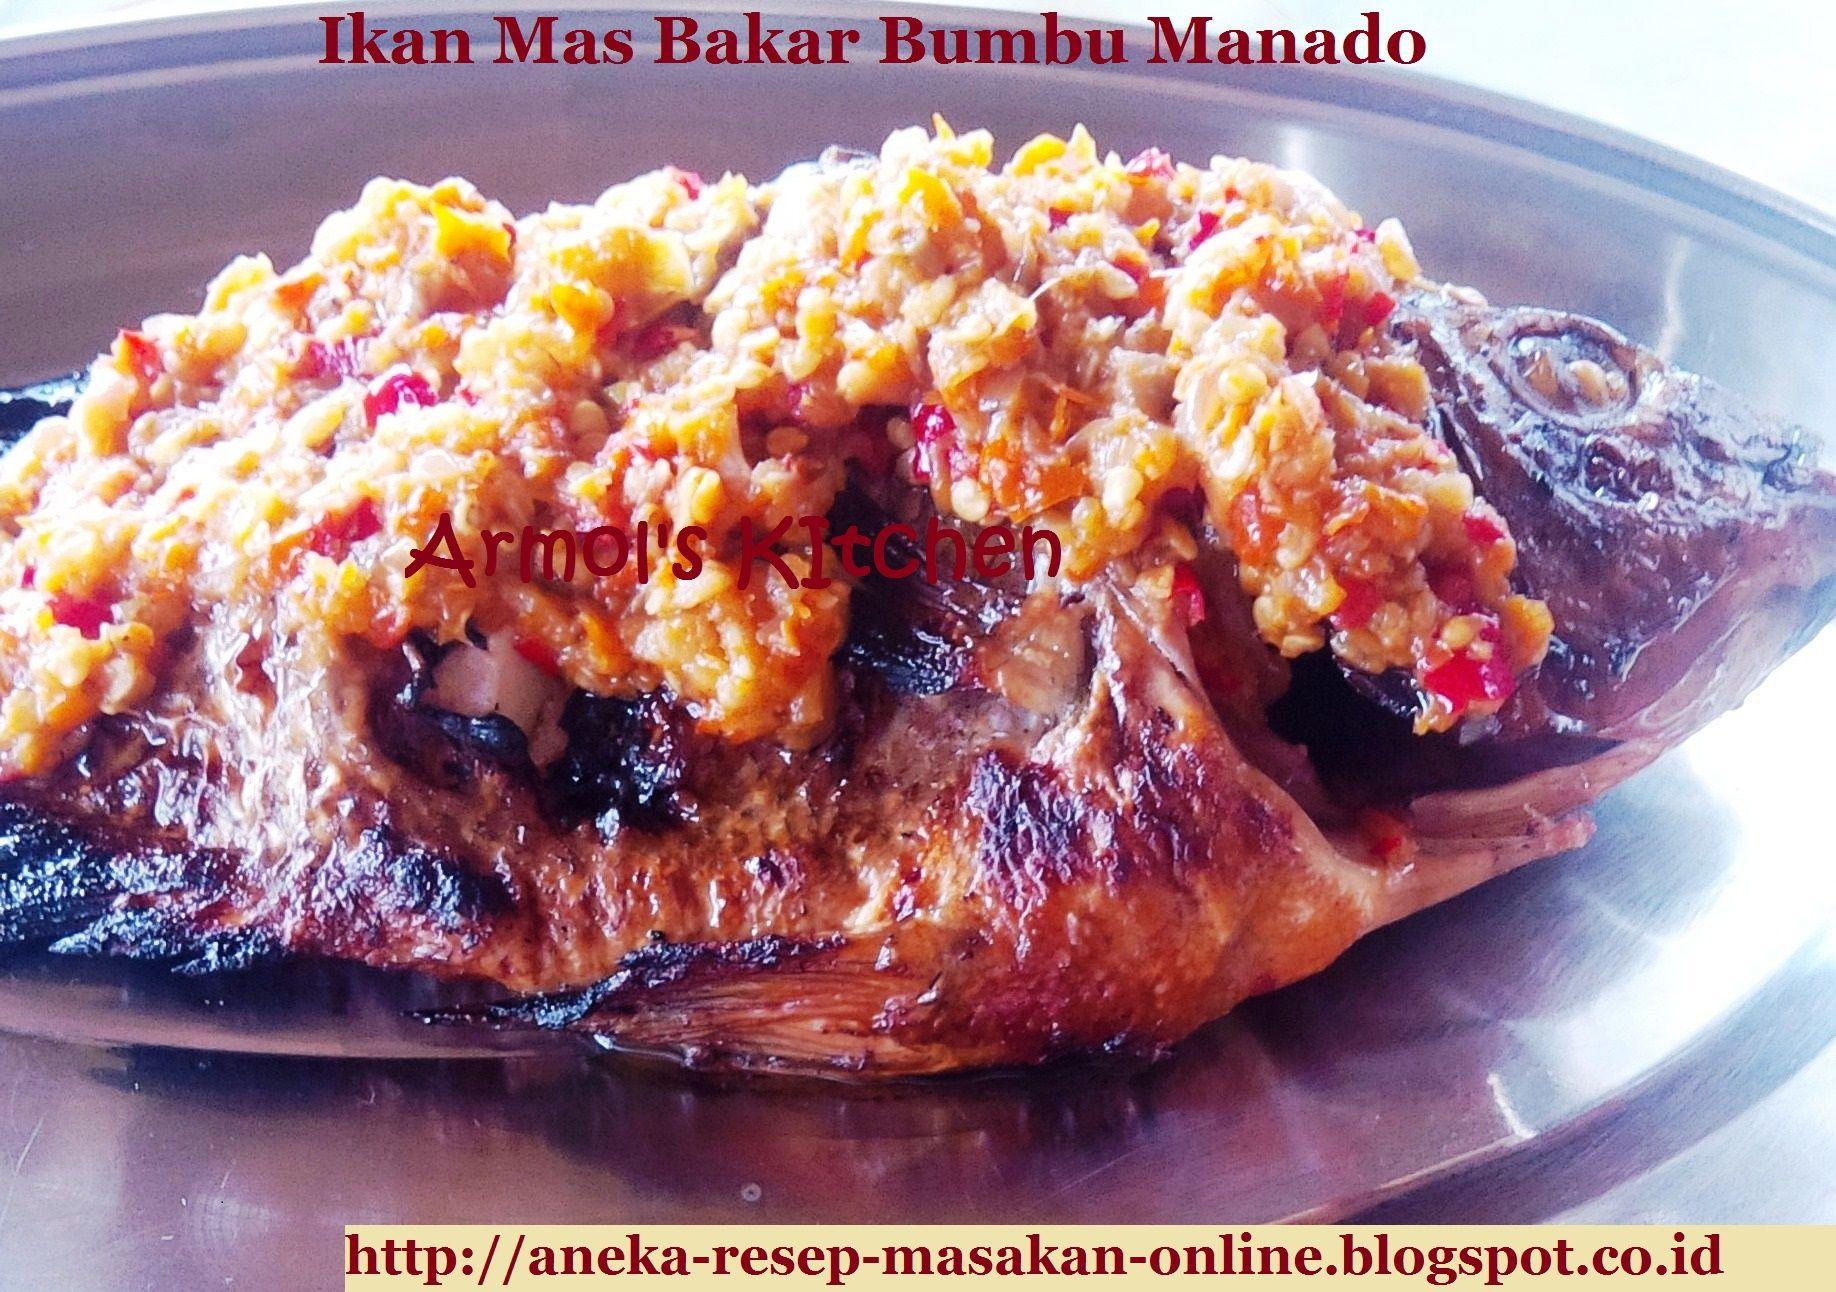 Ikan Mas Bakar Bumbu Manado Ikan Mas Dibakar Dengan Bumbu Ala Manado Yuk Simak Resepnya Http Aneka Resep Masakan Resep Ikan Bakar Resep Ikan Resep Masakan